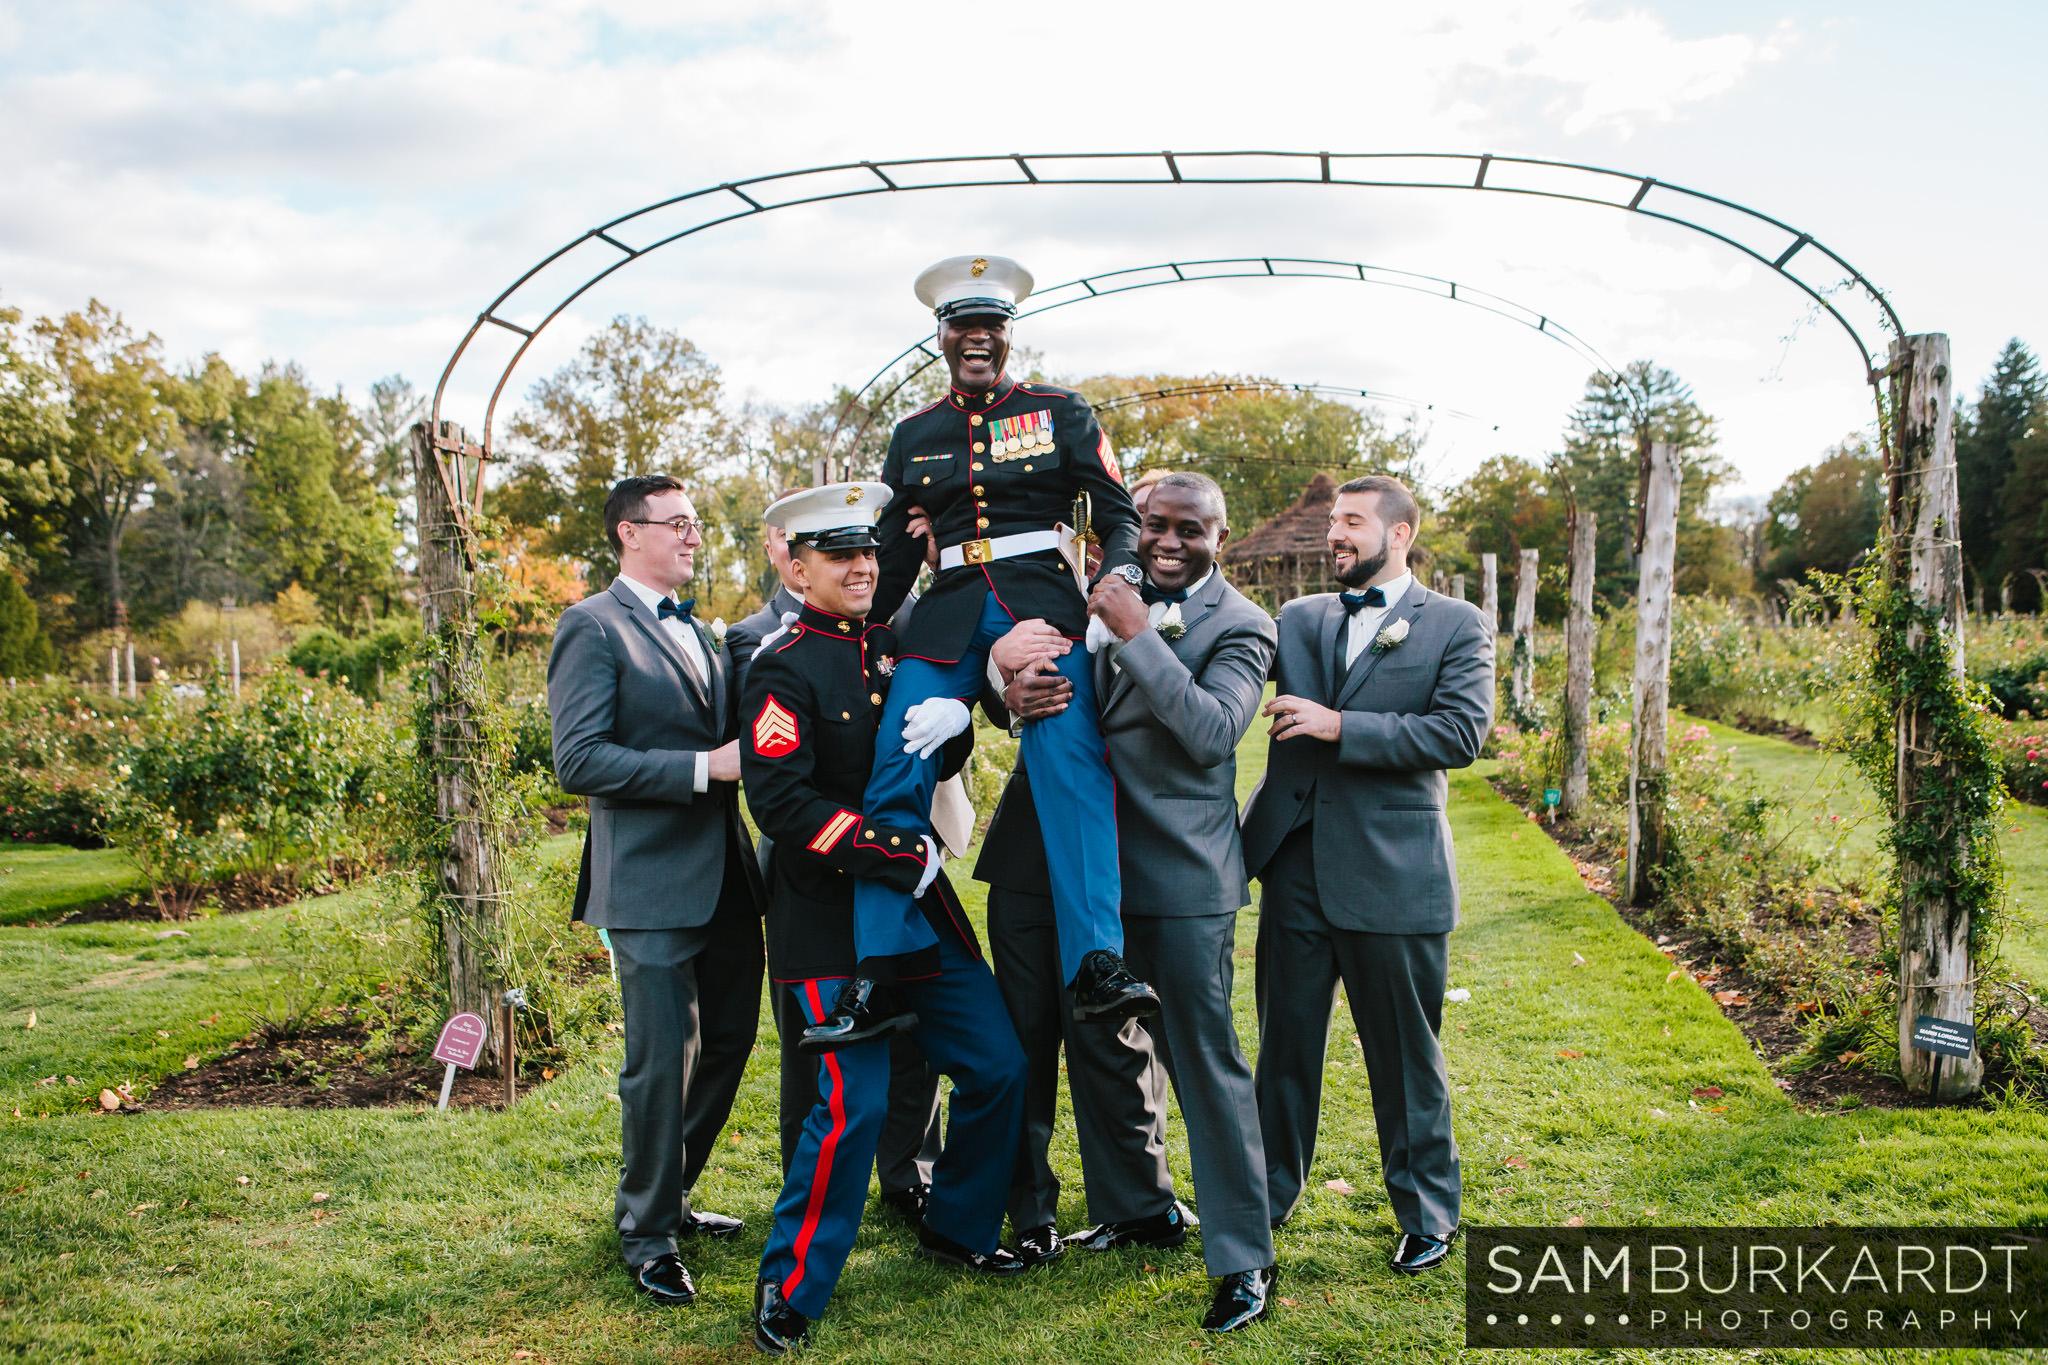 samburkardt_pond_house_hartford_wedding_fall_0034.jpg